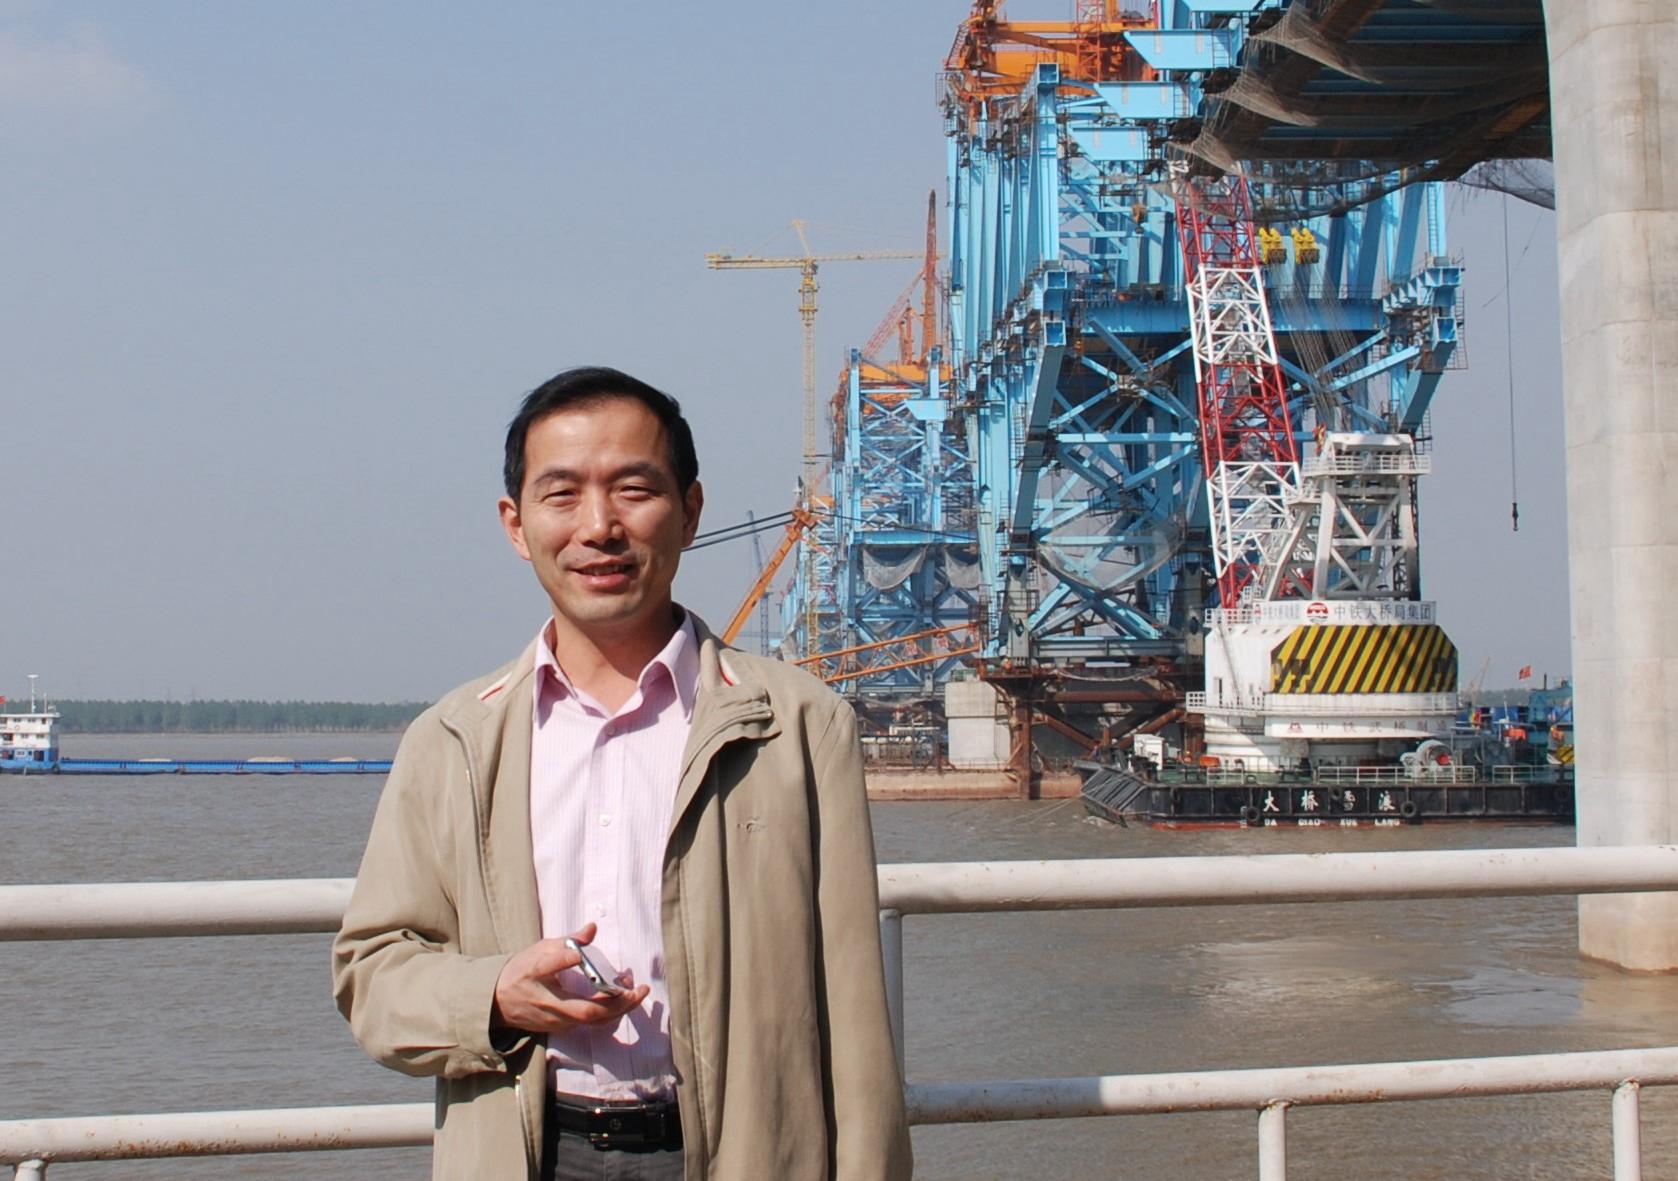 200811京沪高铁南京大胜关长江大桥.jpg